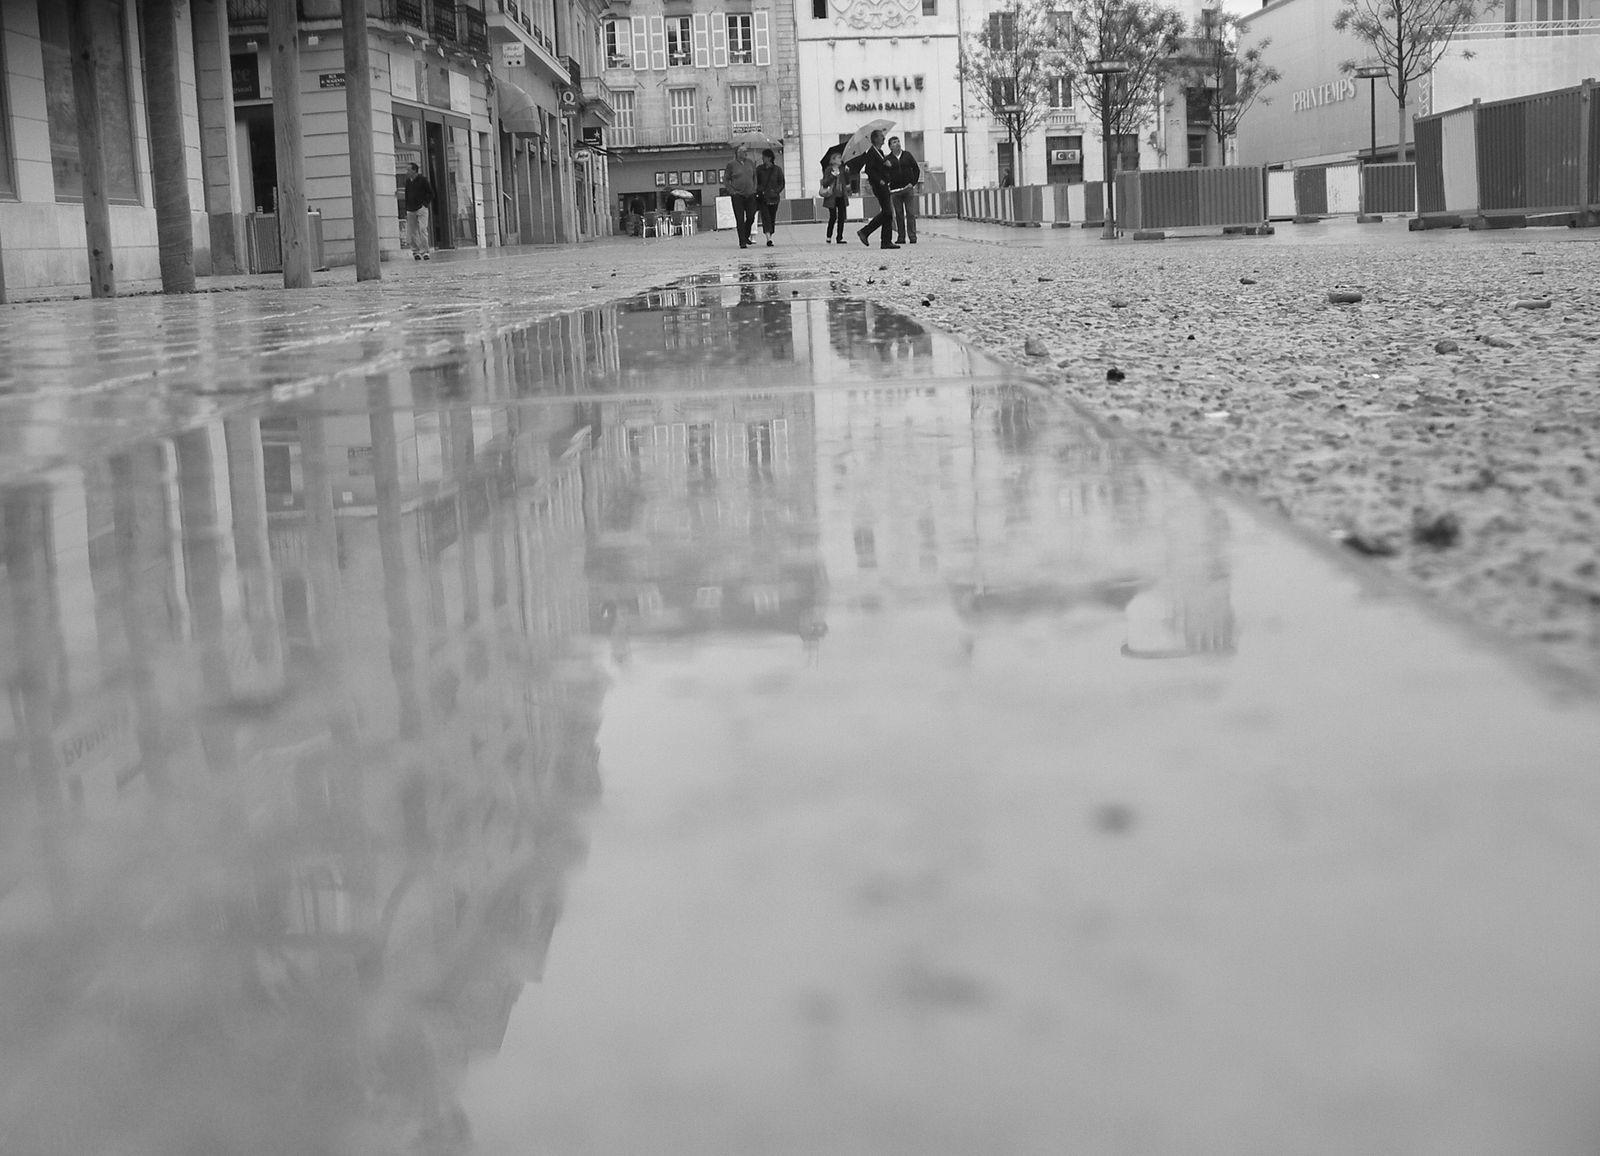 Reflet-eau-sur-nouveau-sol-Place-d-armes.JPG